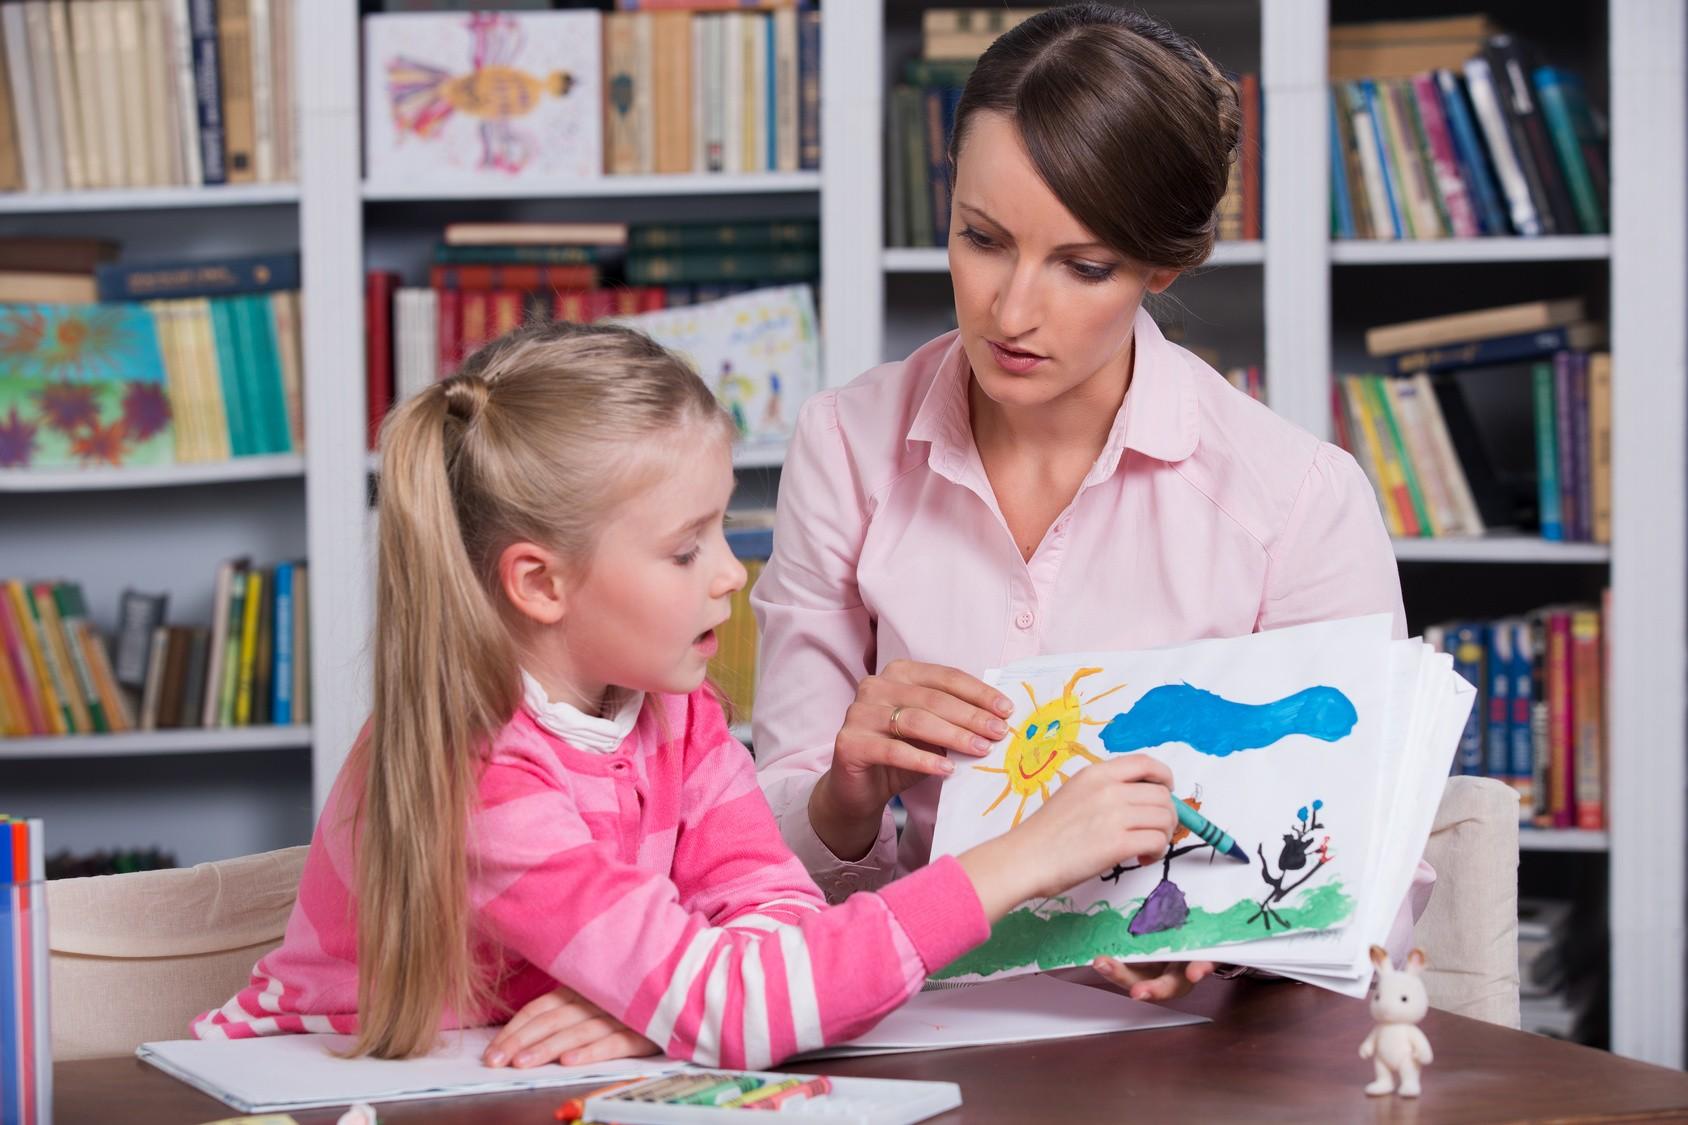 Ma sono davvero scomparsi i vecchi sistemi educativi? Focus sui maltrattamenti nell'infanzia - 2020